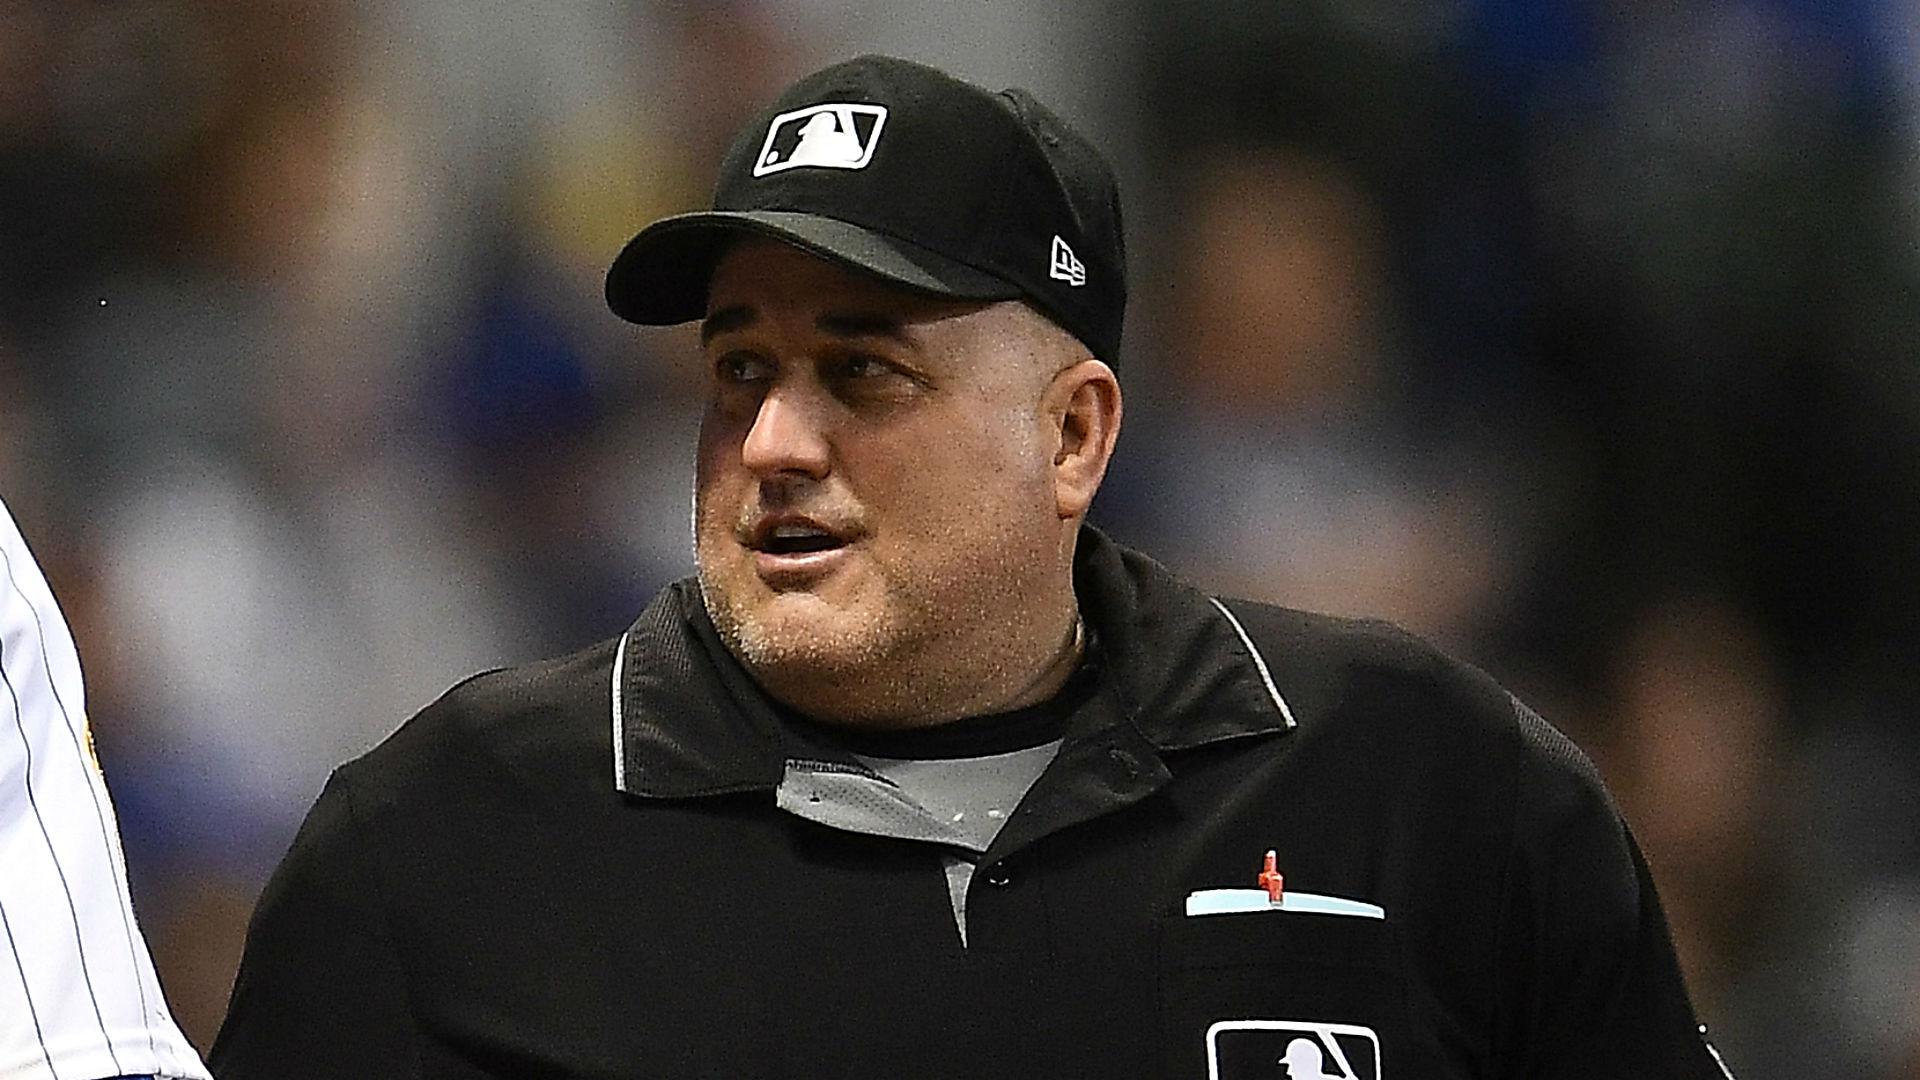 MLB umpire Eric Cooper dead at 52